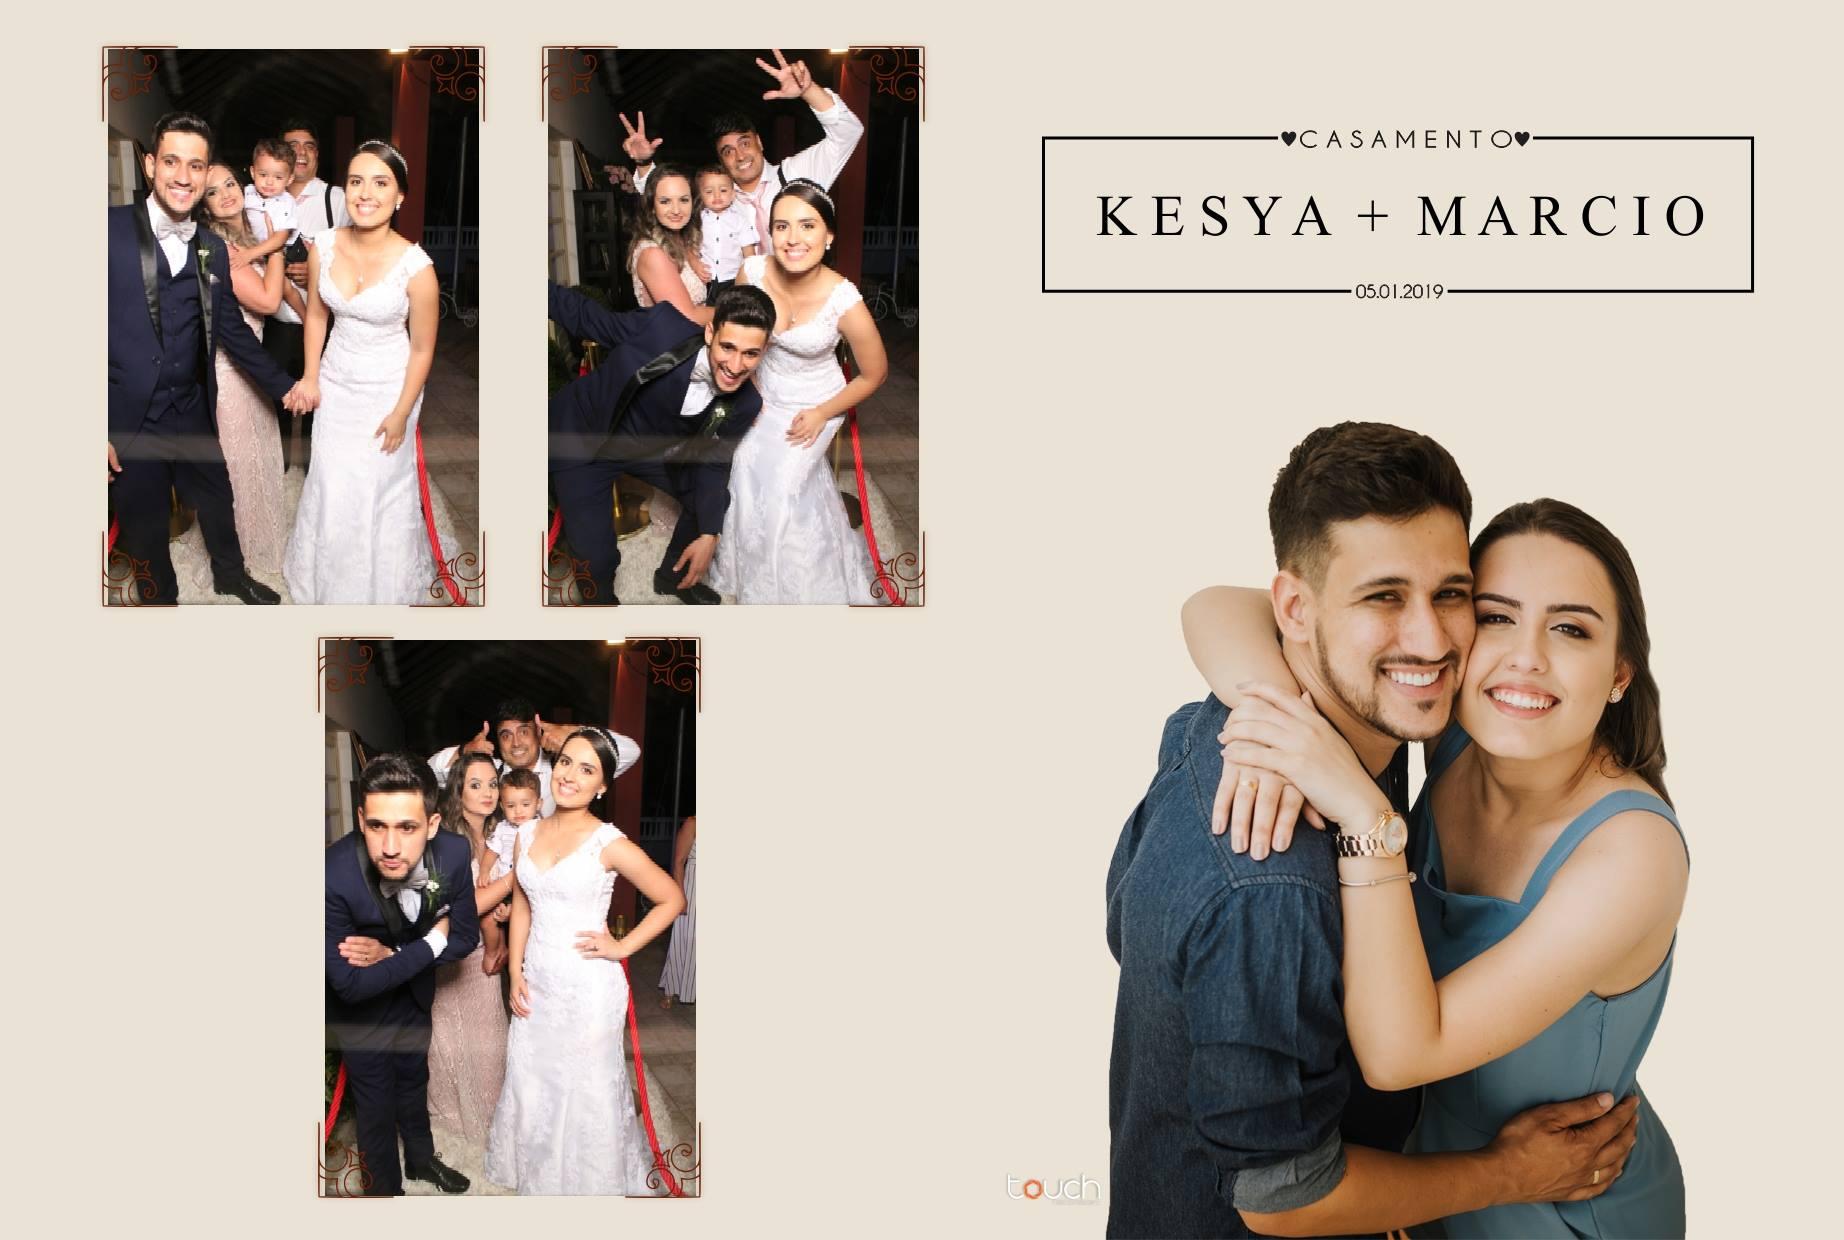 Casamento Kesya e Marcio